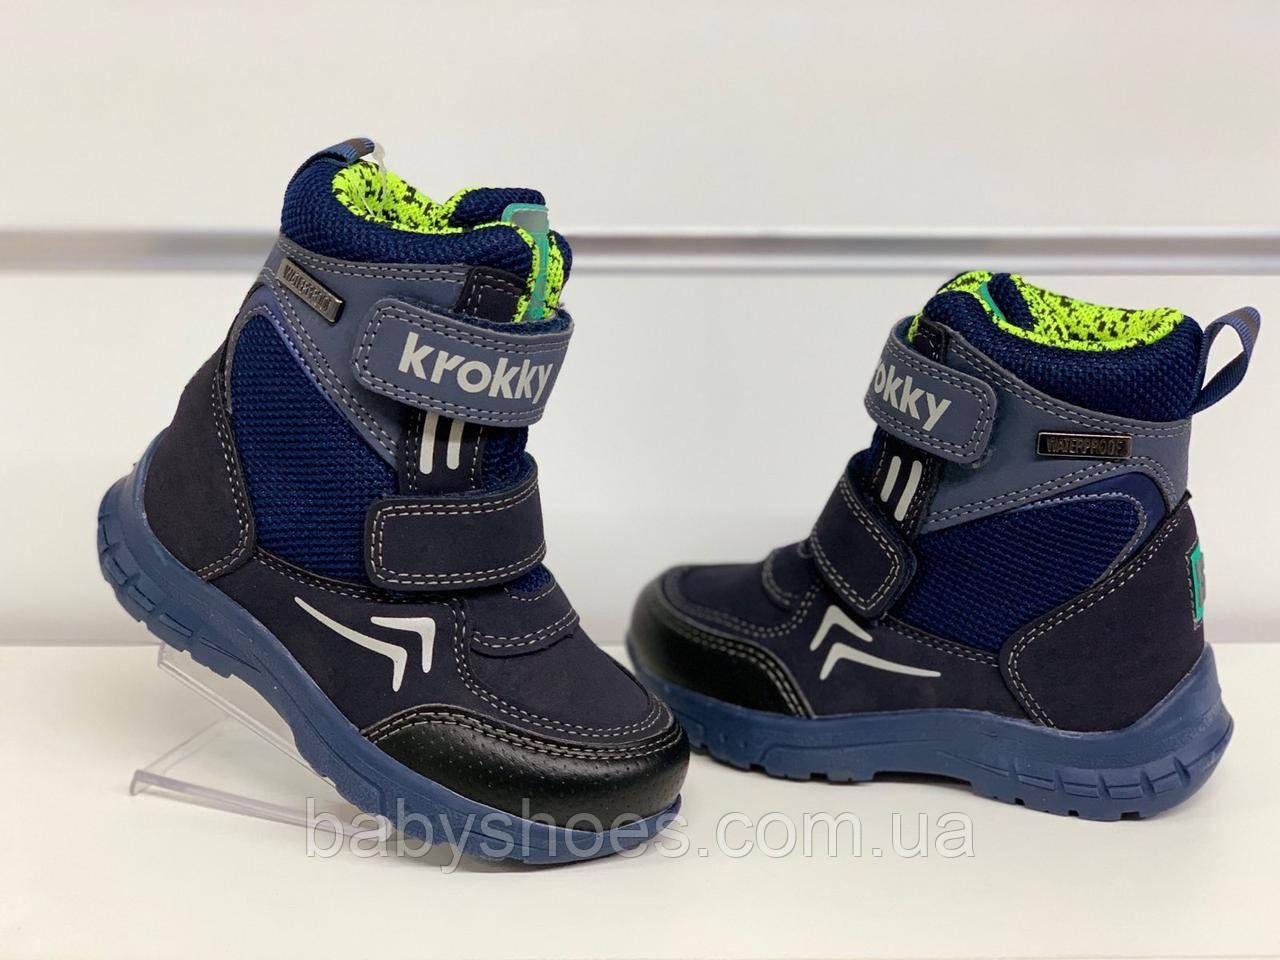 Зимние термо-ботинки, сноубутсы для мальчика Krokky мембрана